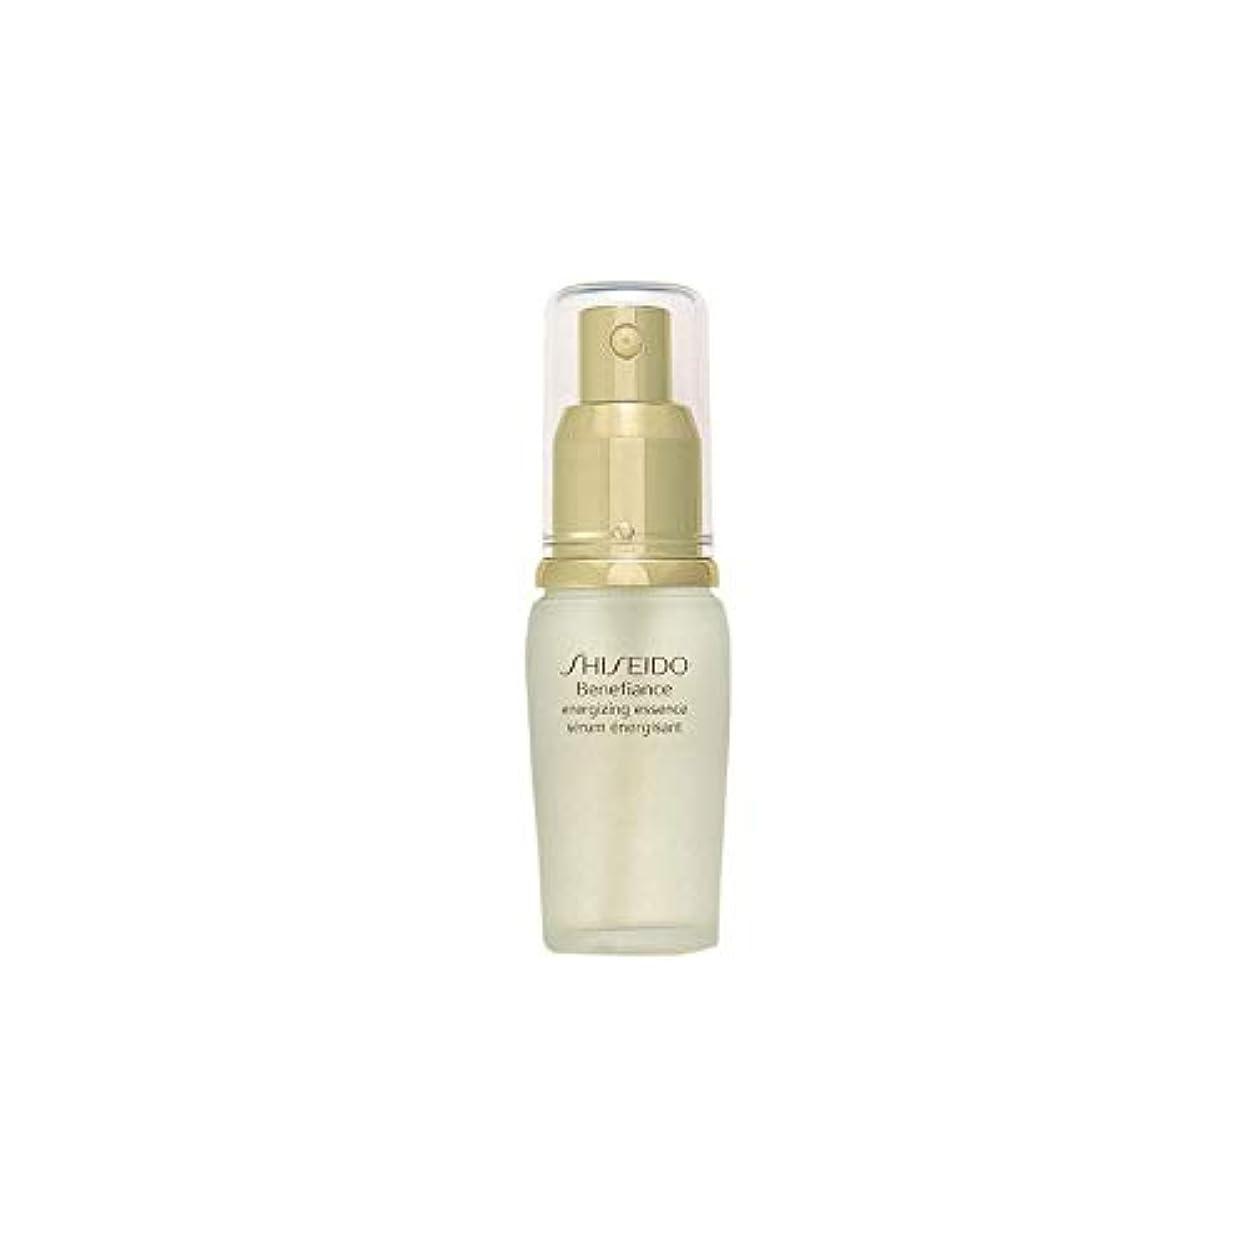 切り離すアテンダント複合[Shiseido] 資生堂ベネフィアンス通電エッセンス(30ミリリットル) - Shiseido Benefiance Energising Essence (30ml) [並行輸入品]